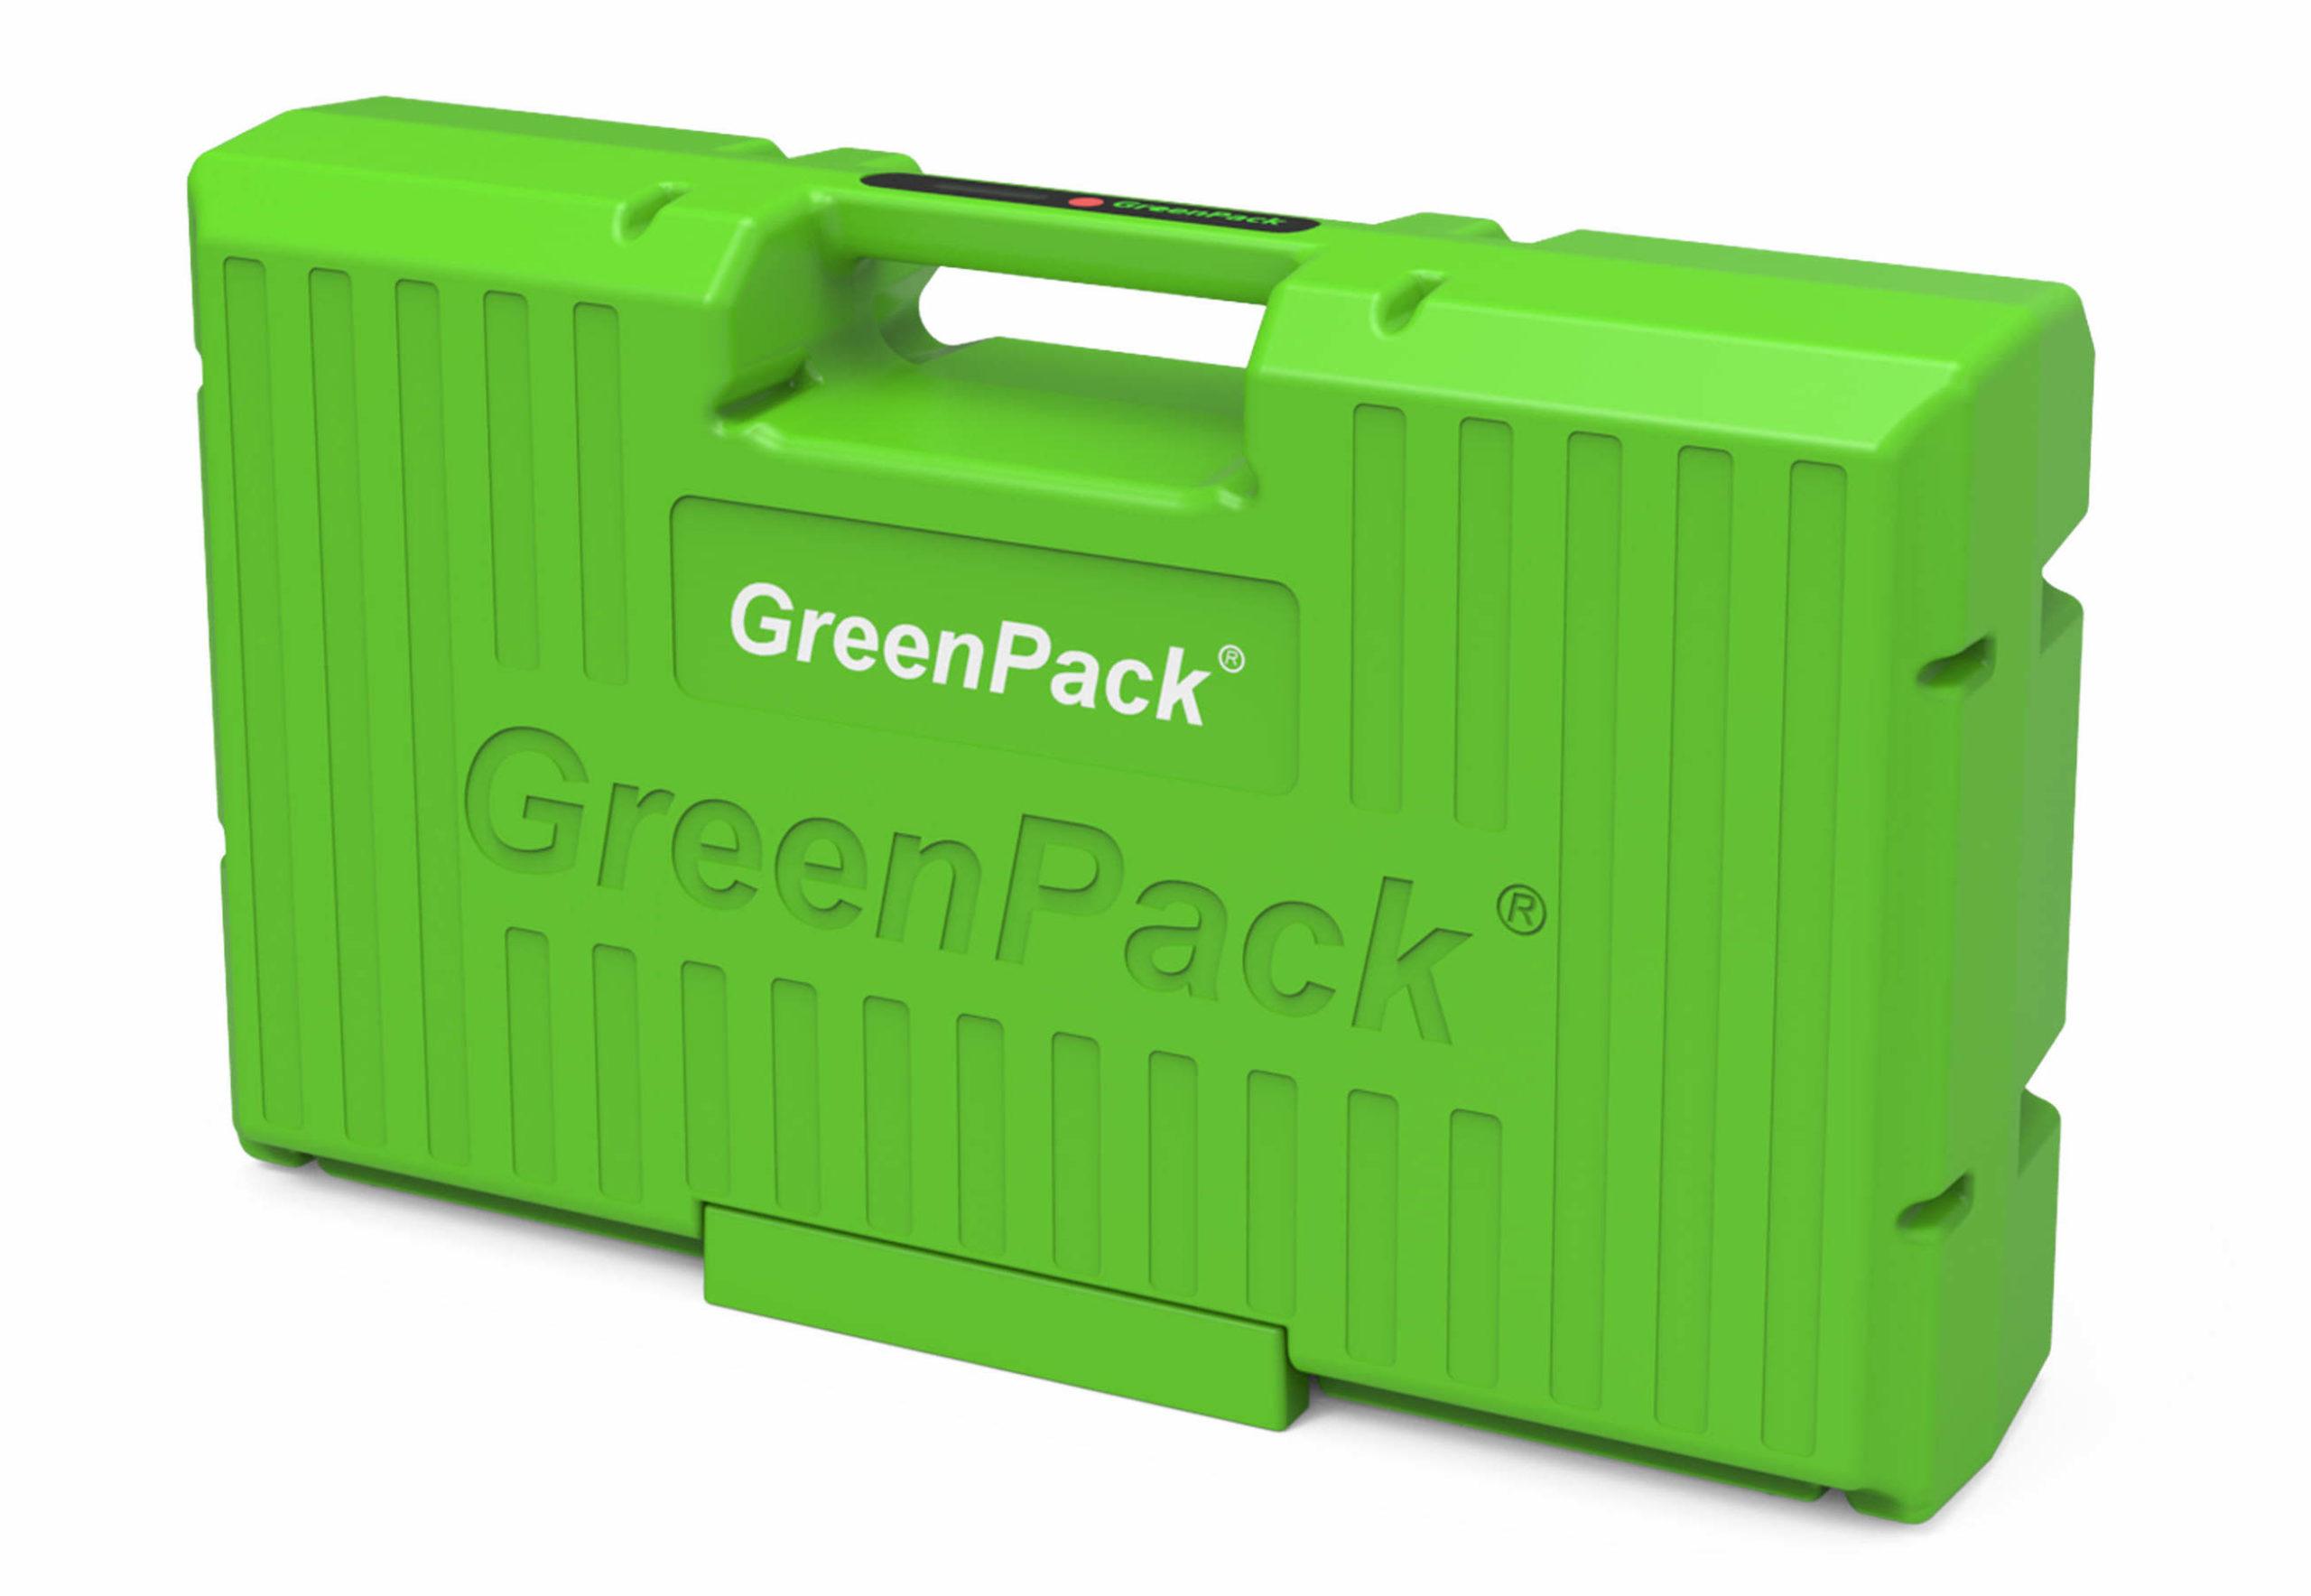 GreenPack, GreenPack GmbH